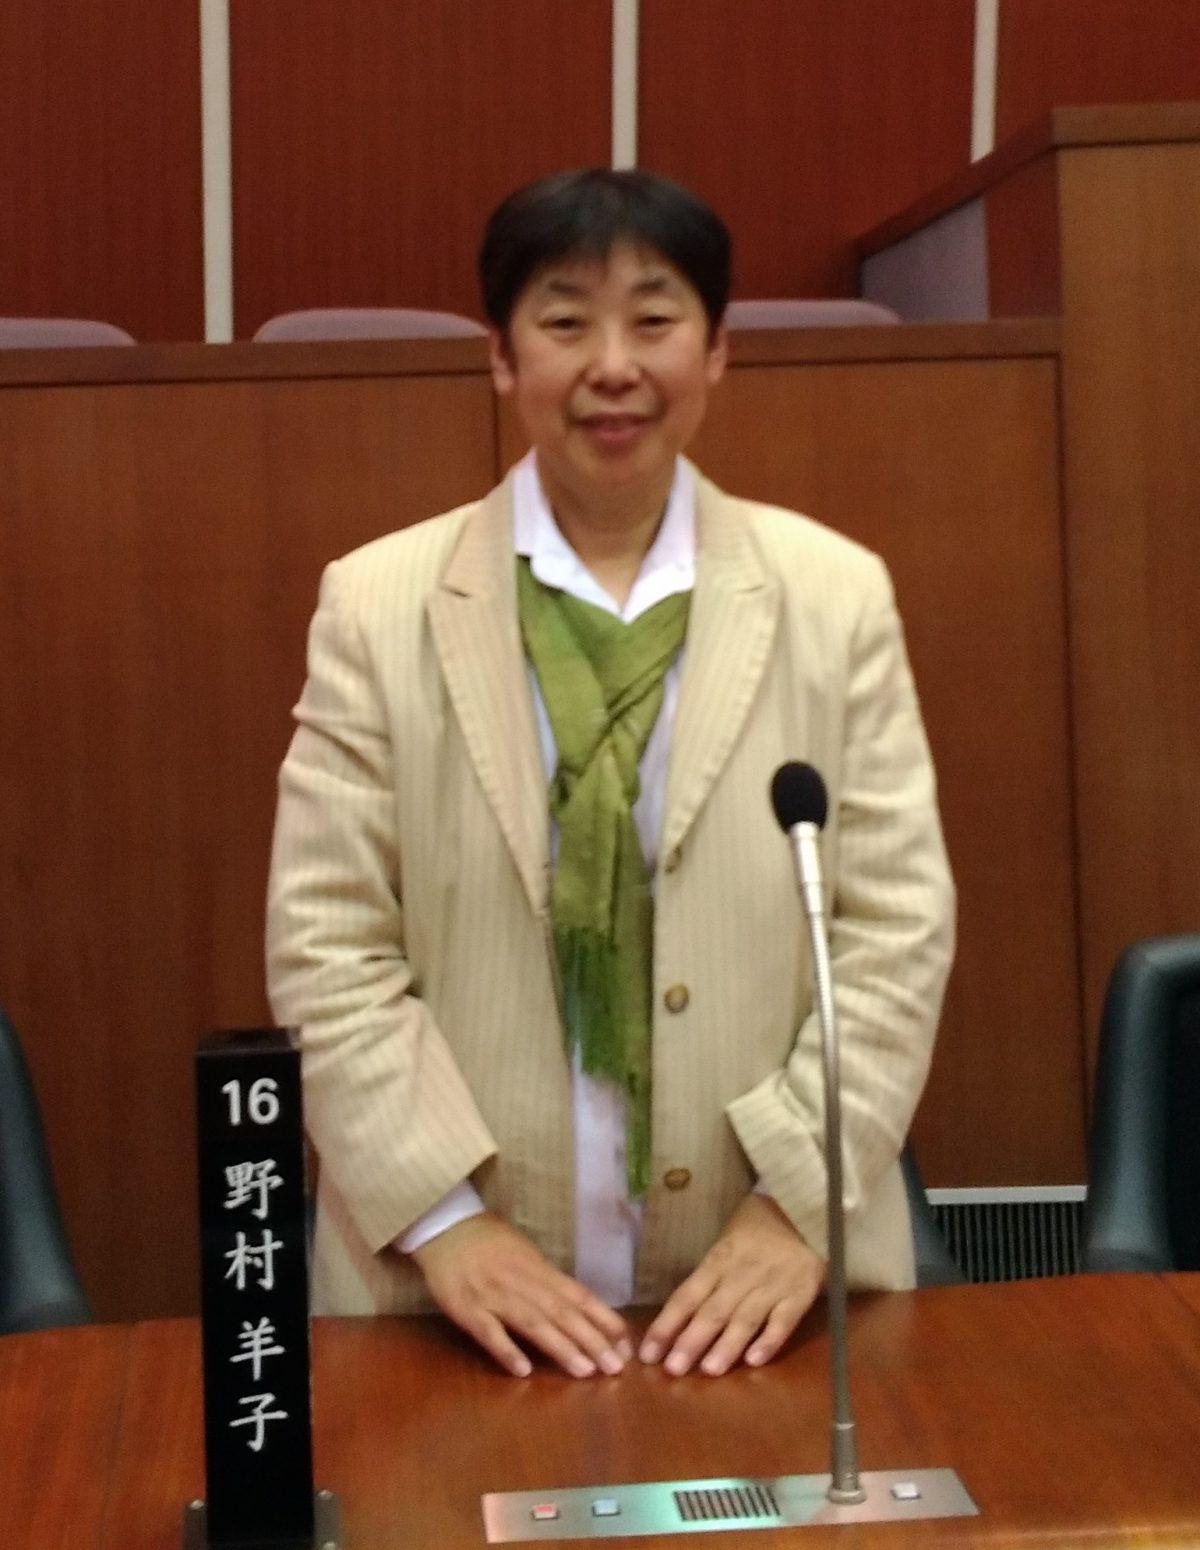 2019.3.4 総務委員会 30請願第2号「消費税増税中止について」 賛成討論